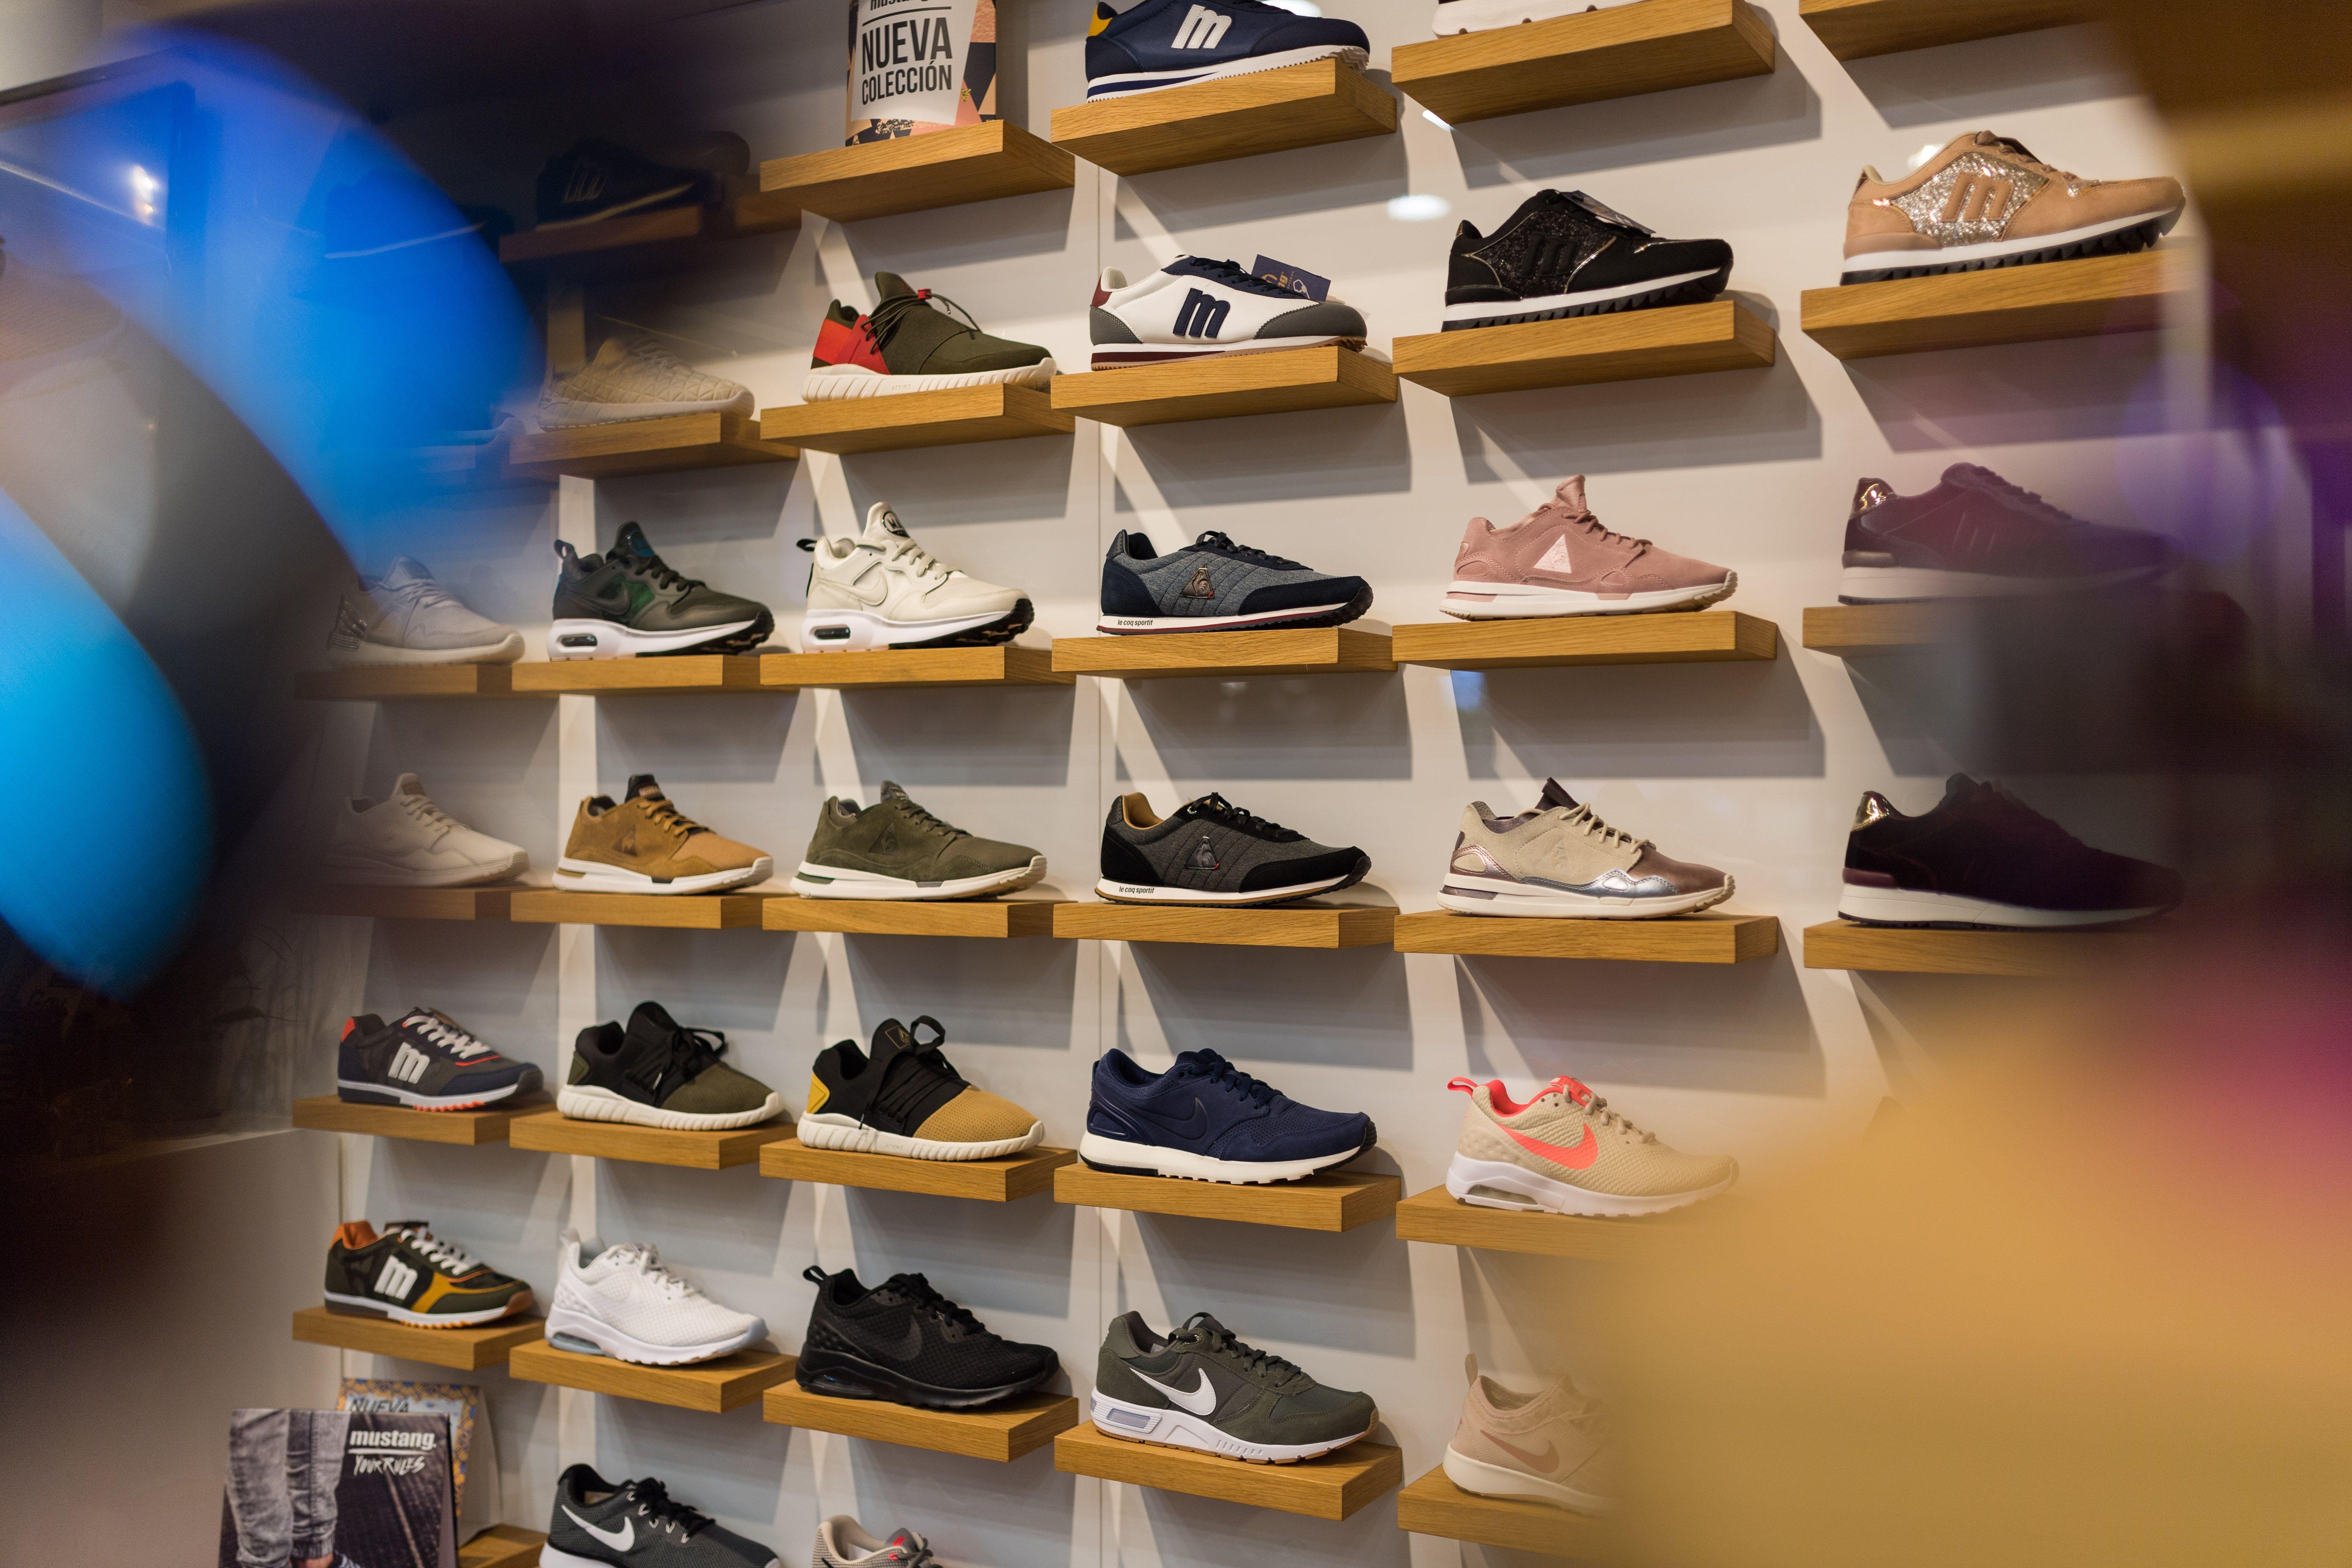 Zapatillas de deportes a buen precio en Las Palmas de Gran Canaria